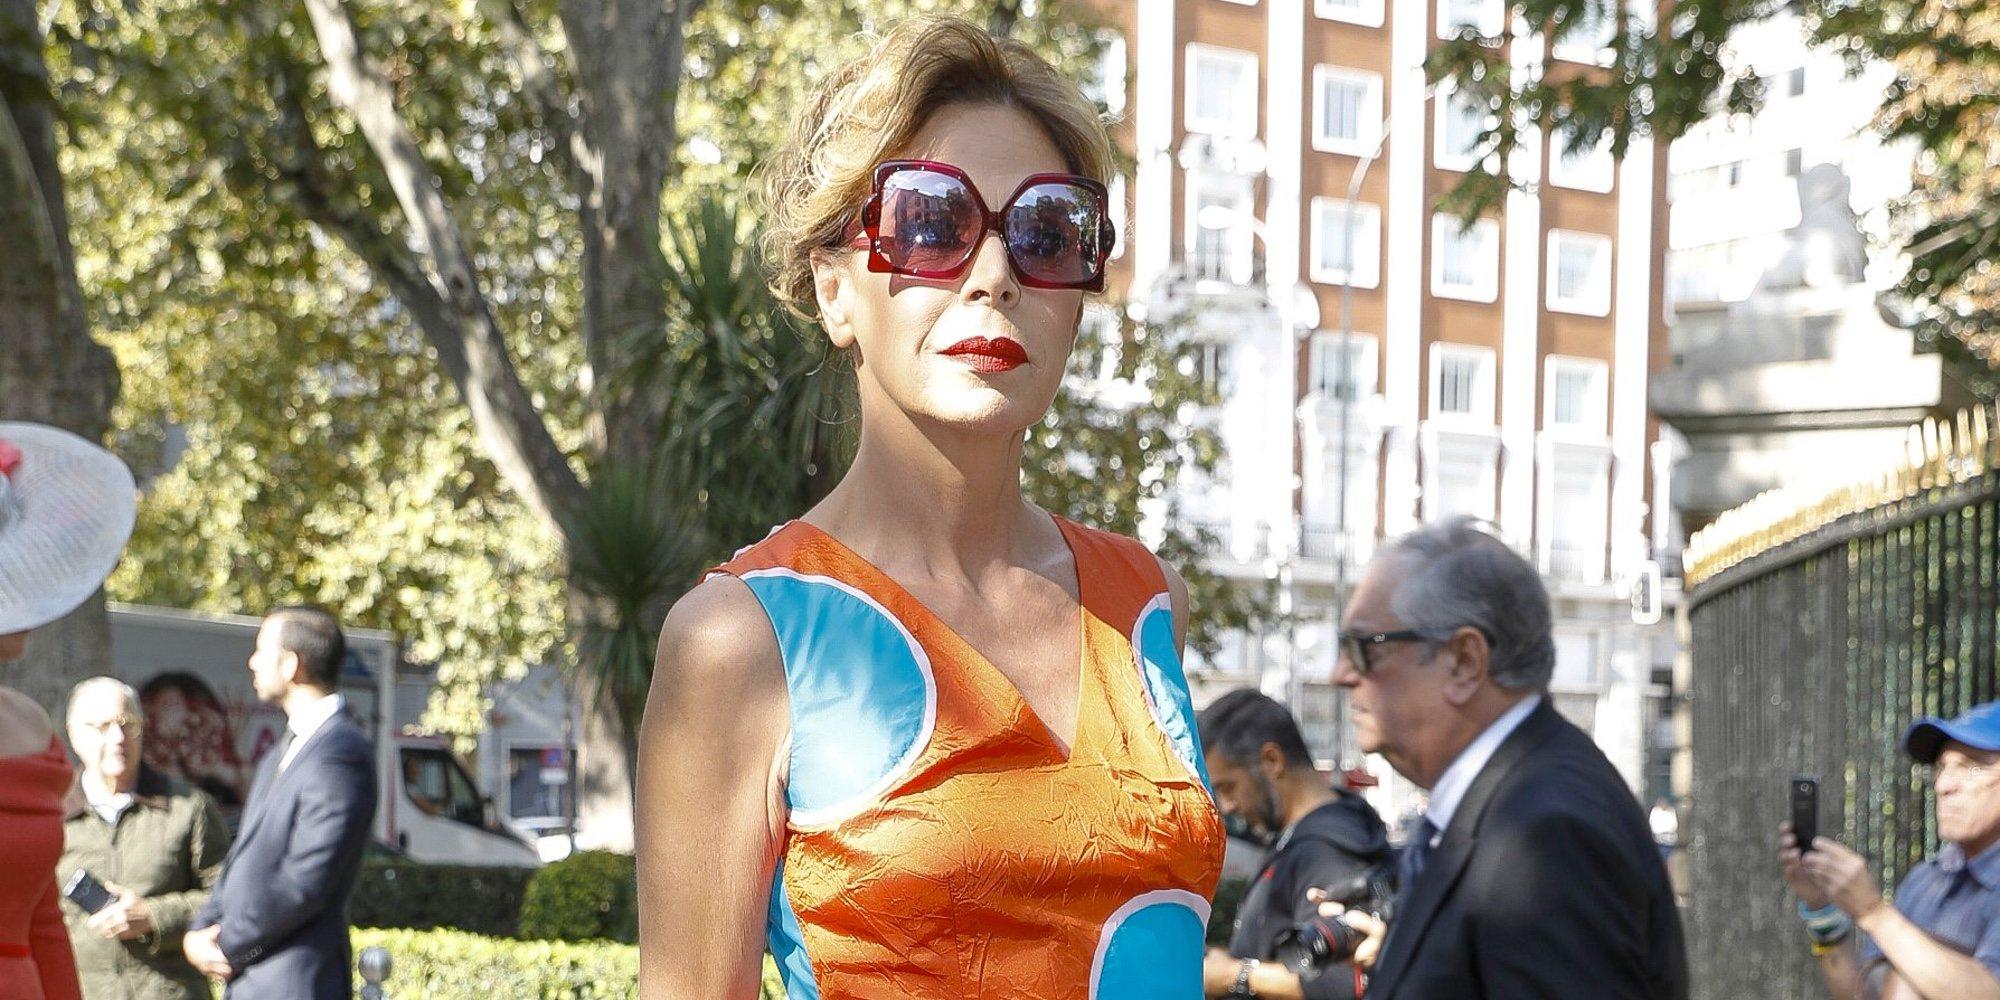 El desagradable encontronazo de Ágatha Ruiz de la Prada con un miembro de la realeza española